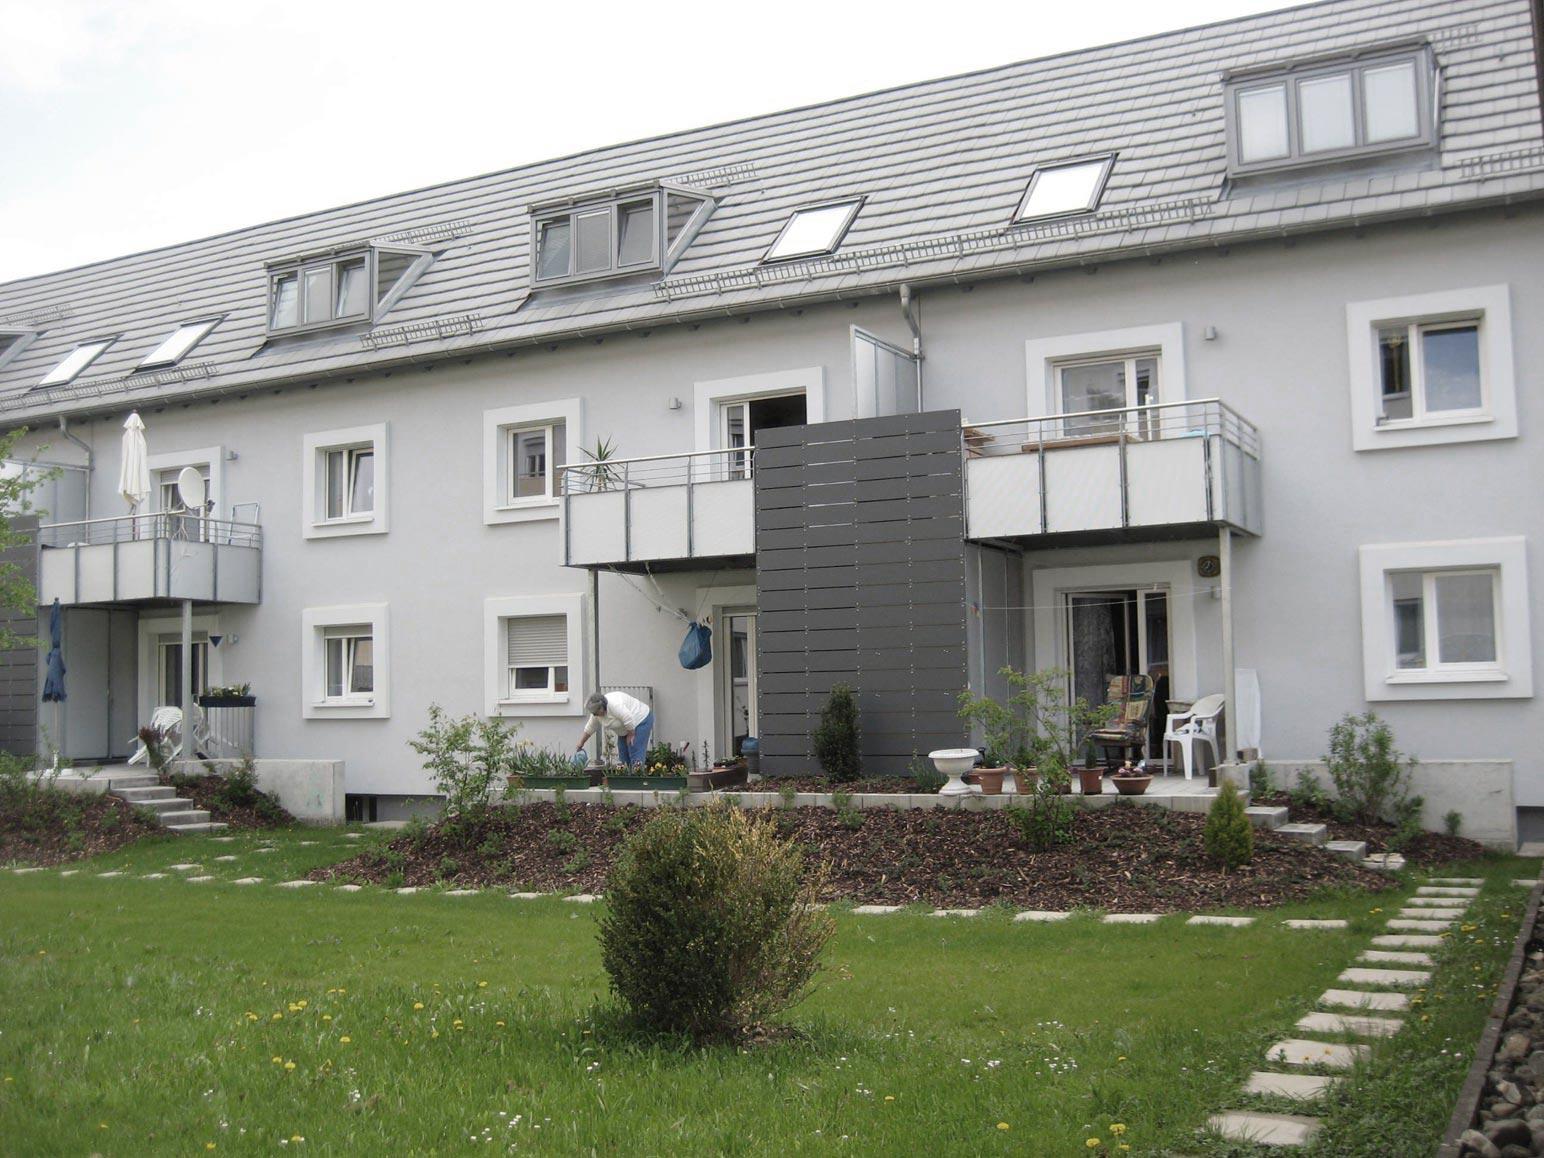 Die Modernisierung von 20 Mietwohnungen der GWF Wohnungsgenossenschaft eG in Schwäbisch Gmünd hat den Sonderpreis des Ministeriums für Verkehr und Infrastruktur Baden-Württemberg erhalten.<br /><br />